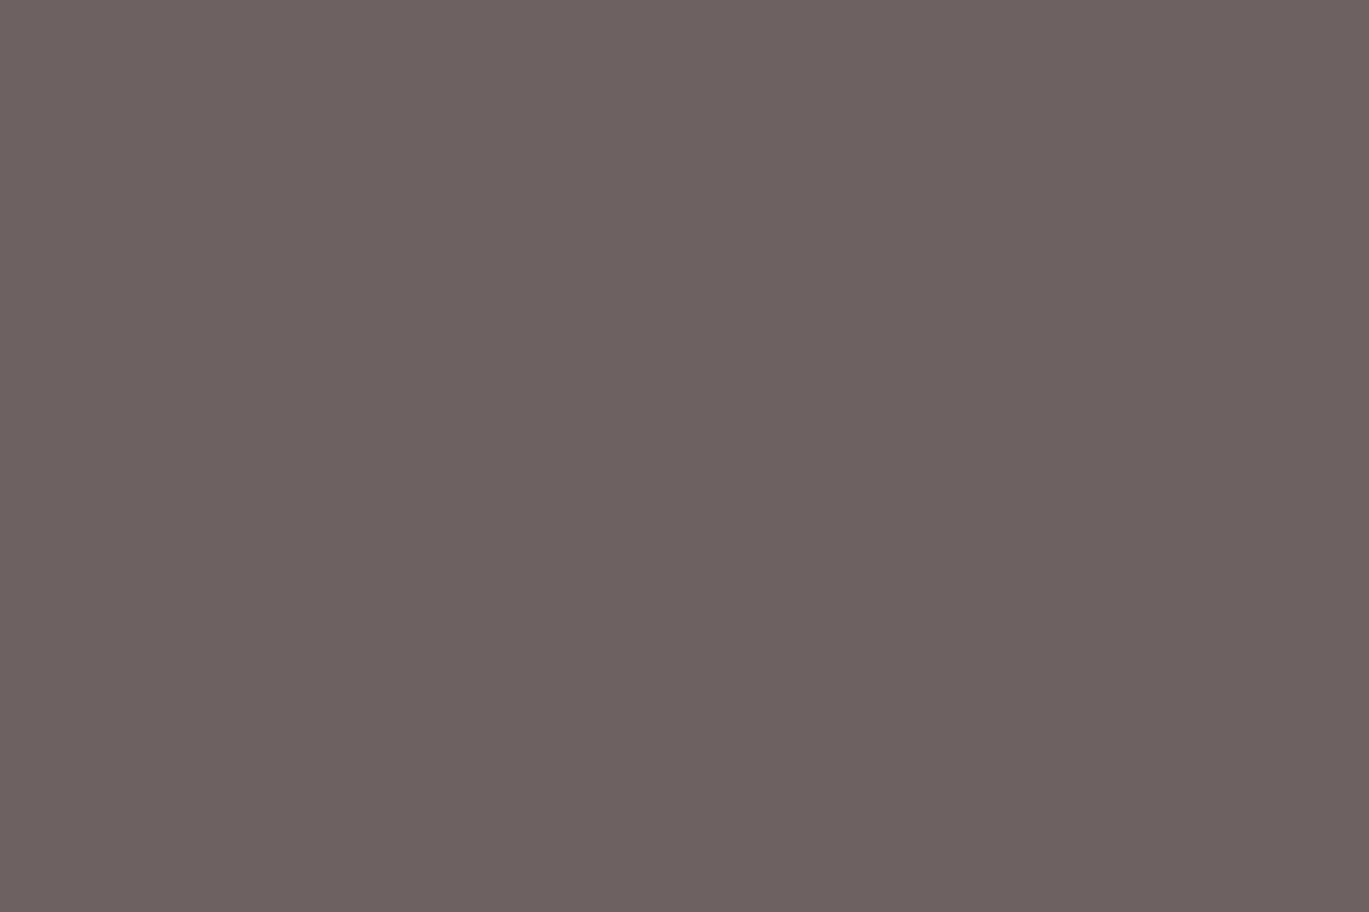 Спектакль «Богема» в Пермском театре оперы и балета имени П.И. Чайковского. Фотография: permopera.ru